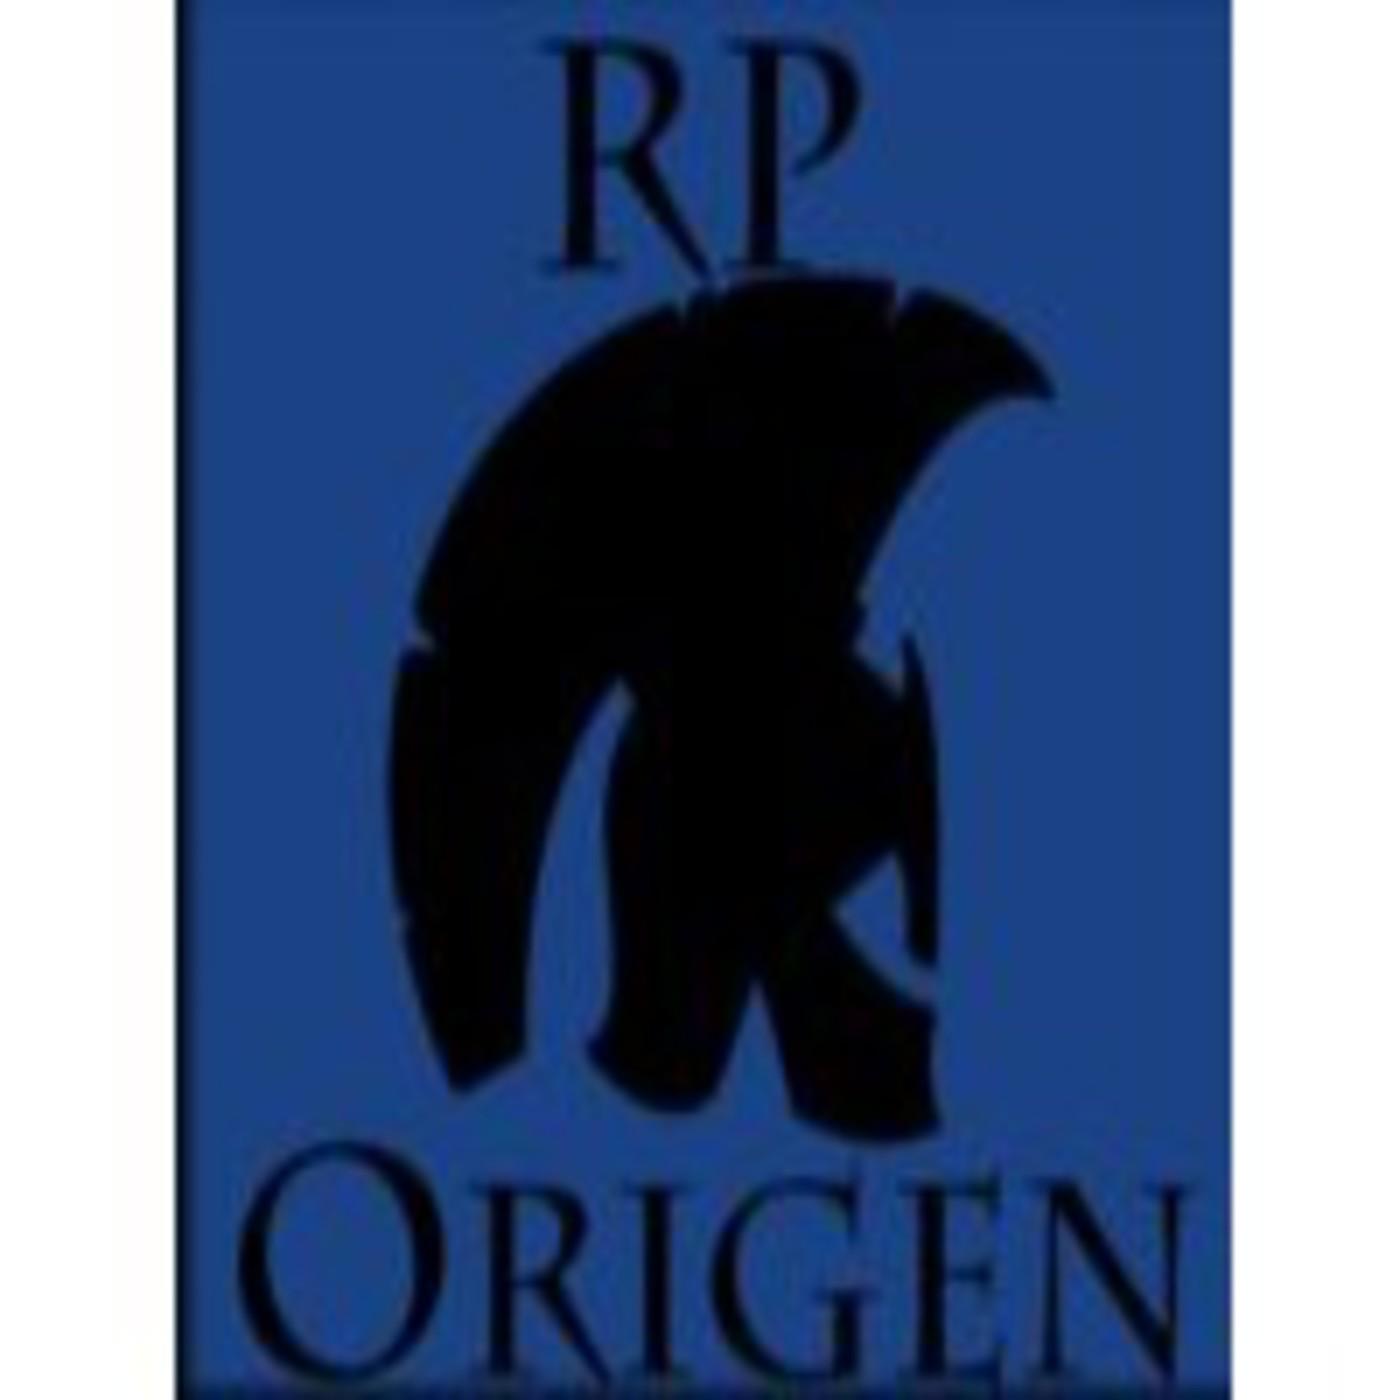 <![CDATA[Podcast RP Origen]]>